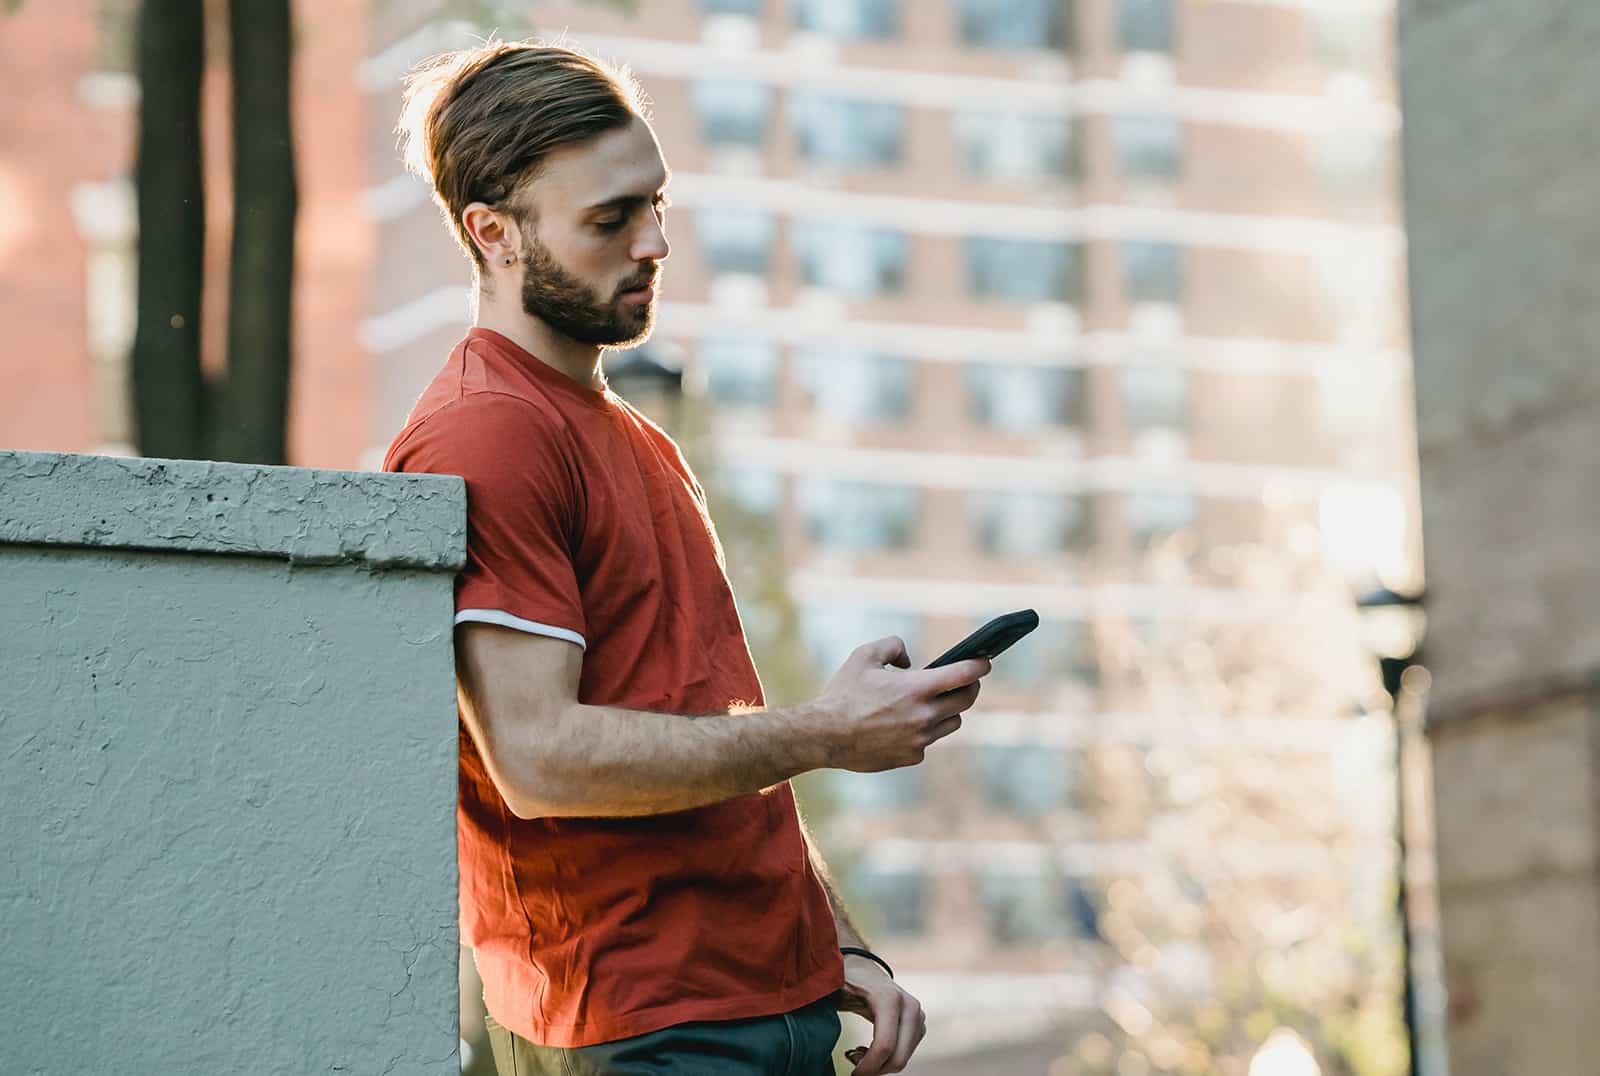 Ein bärtiger Mann, der ein Smartphone betrachtet, während er in der Stadt steht